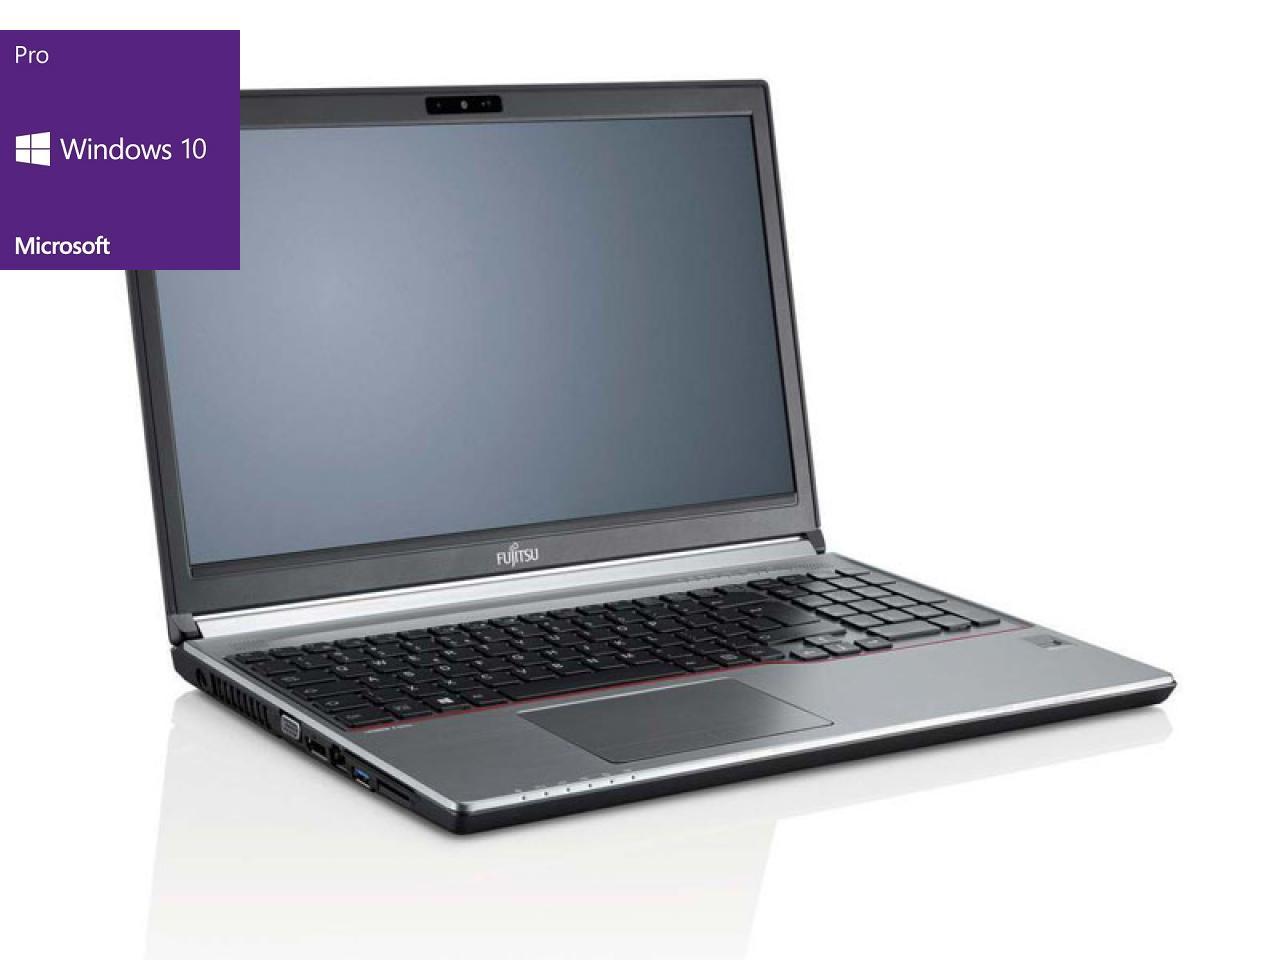 Fujitsu LIFEBOOK E754 (schwarze Tastatur)